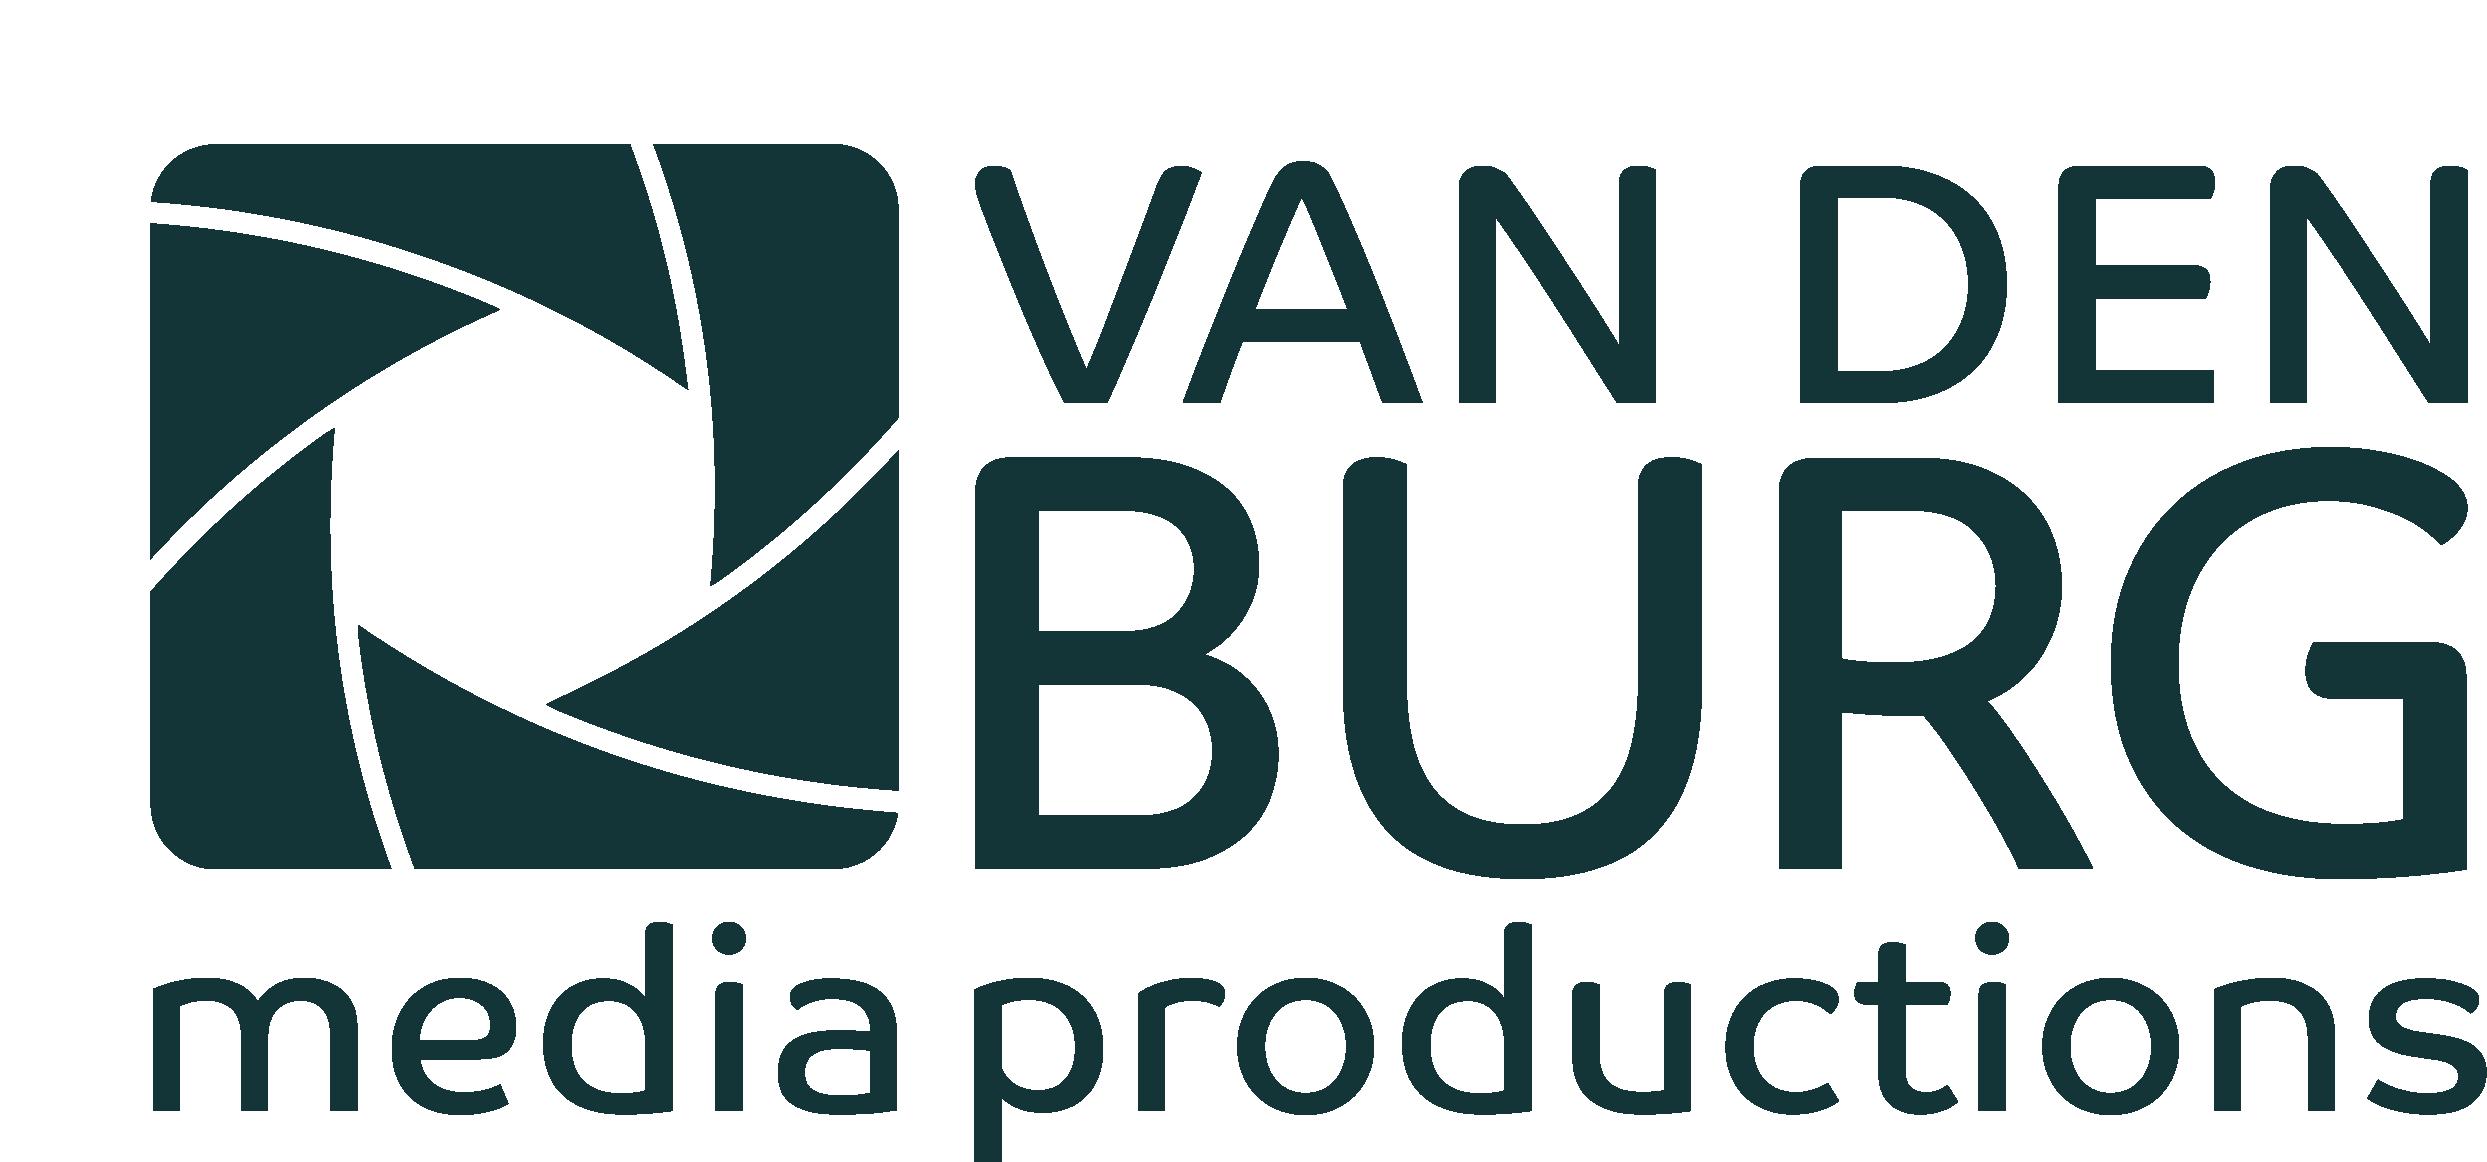 Vandenburg Media Productions